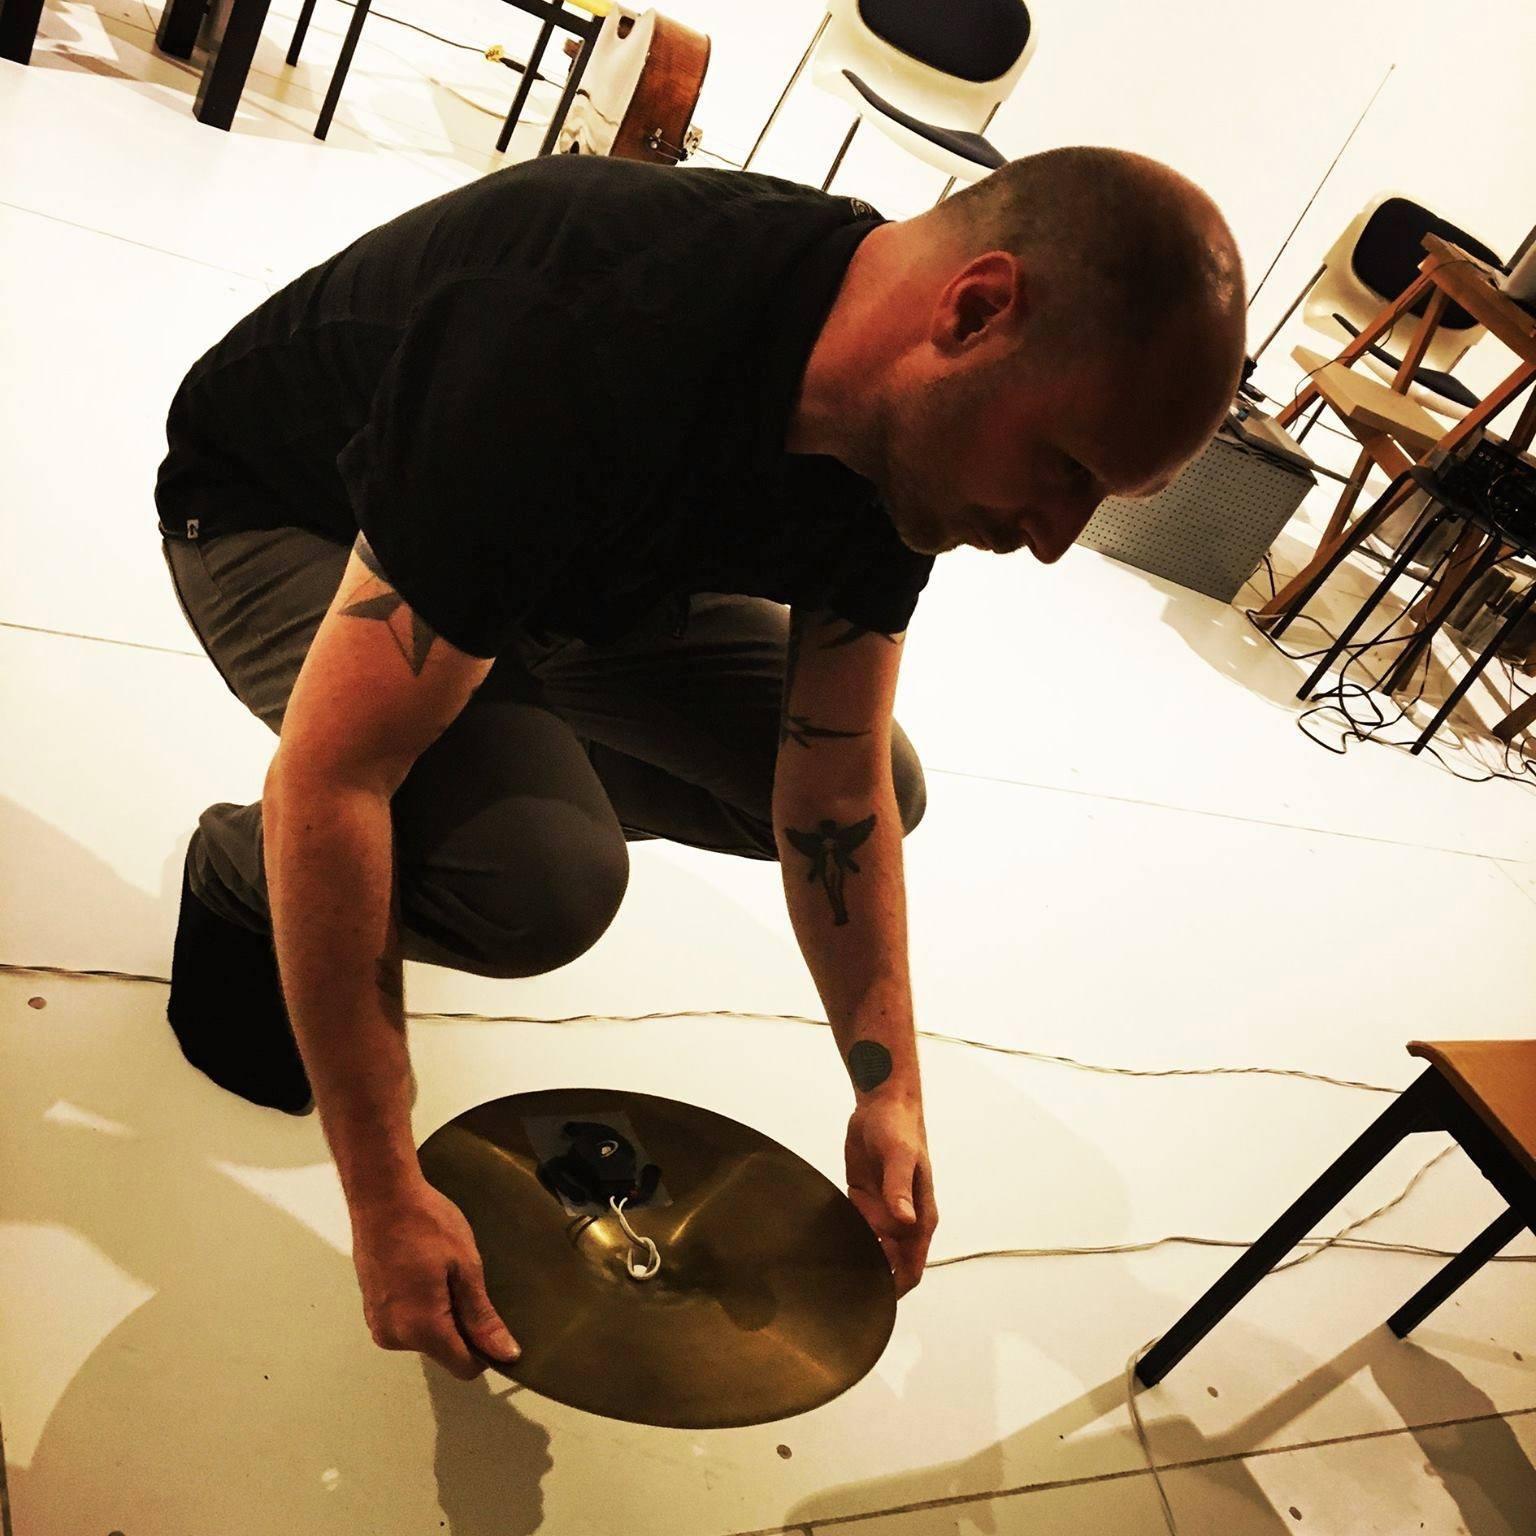 cymbal tactile transducer Simon Whetham